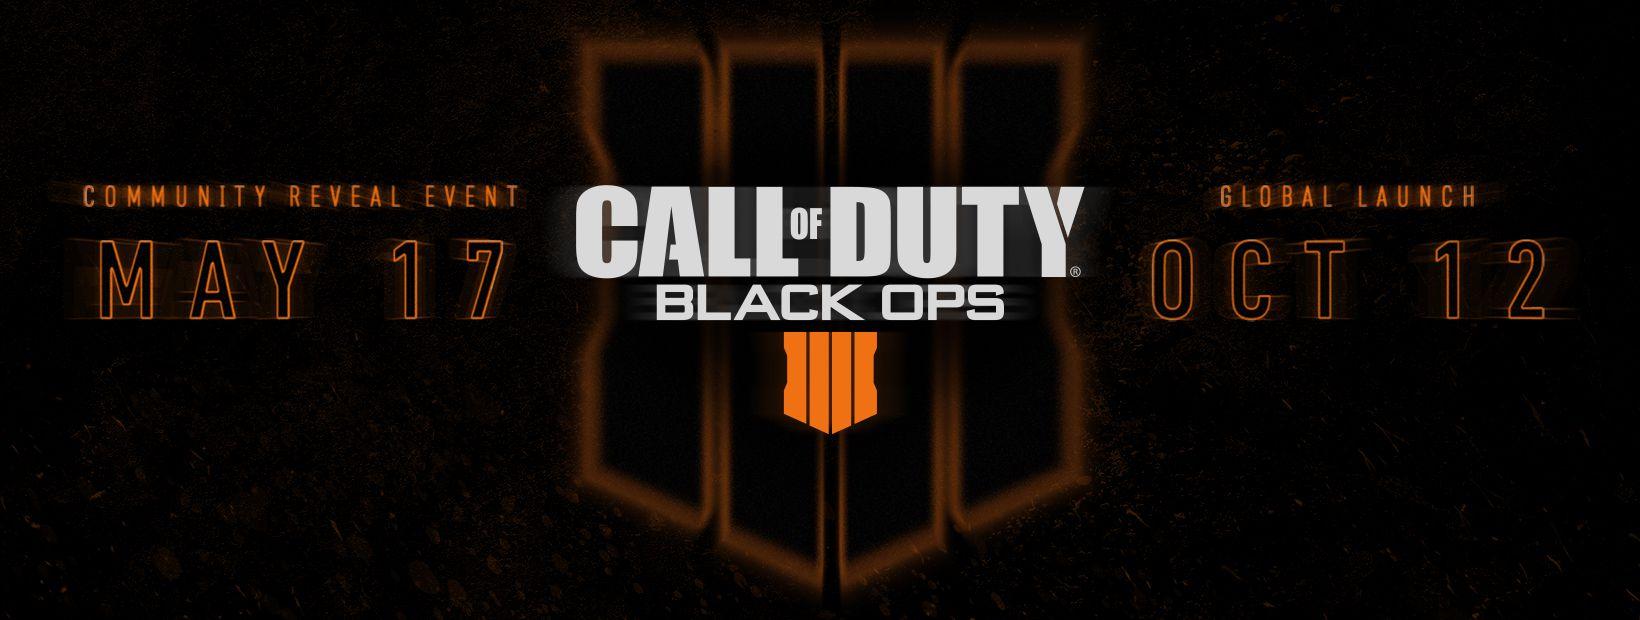 et-activision-confirma-call-of-duty-black-ops-4-a-la-surprise-generale-863d0845